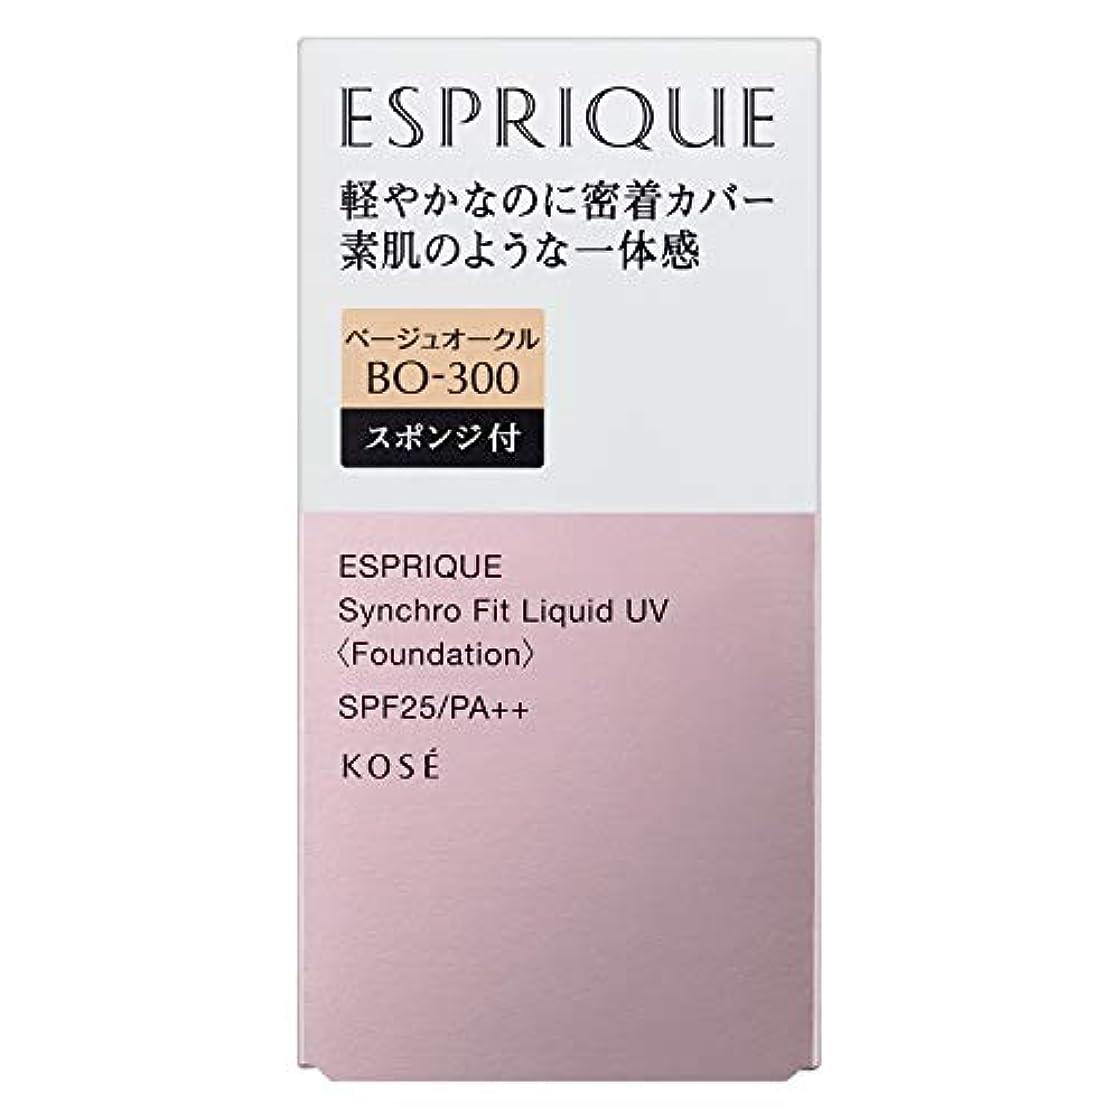 引き出す送るおじさんESPRIQUE(エスプリーク) エスプリーク シンクロフィット リキッド UV ファンデーション 無香料 BO-300 ベージュオークル 30g